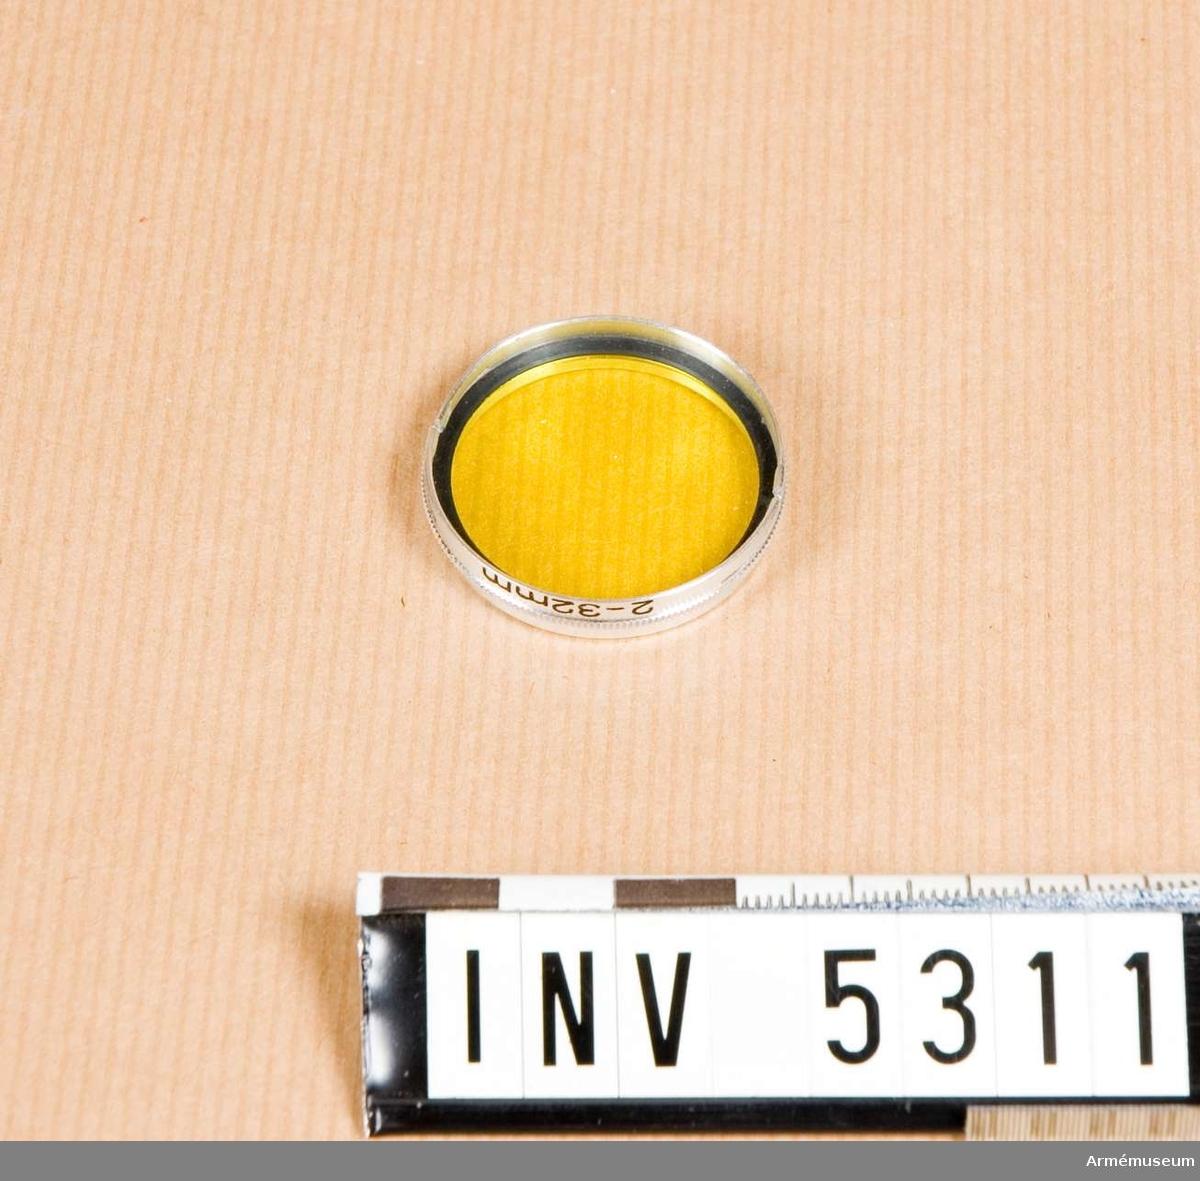 Gulfilter, M 1942-30044.  Gulfilter användes för att tona ner en blå himmel vid svartvit fotografi. Gula och gröna föremål återgives ljusare. Detta filter är avsett för Agfa Silette kameran.  Samhörande nr är AM.5312 (fodral).